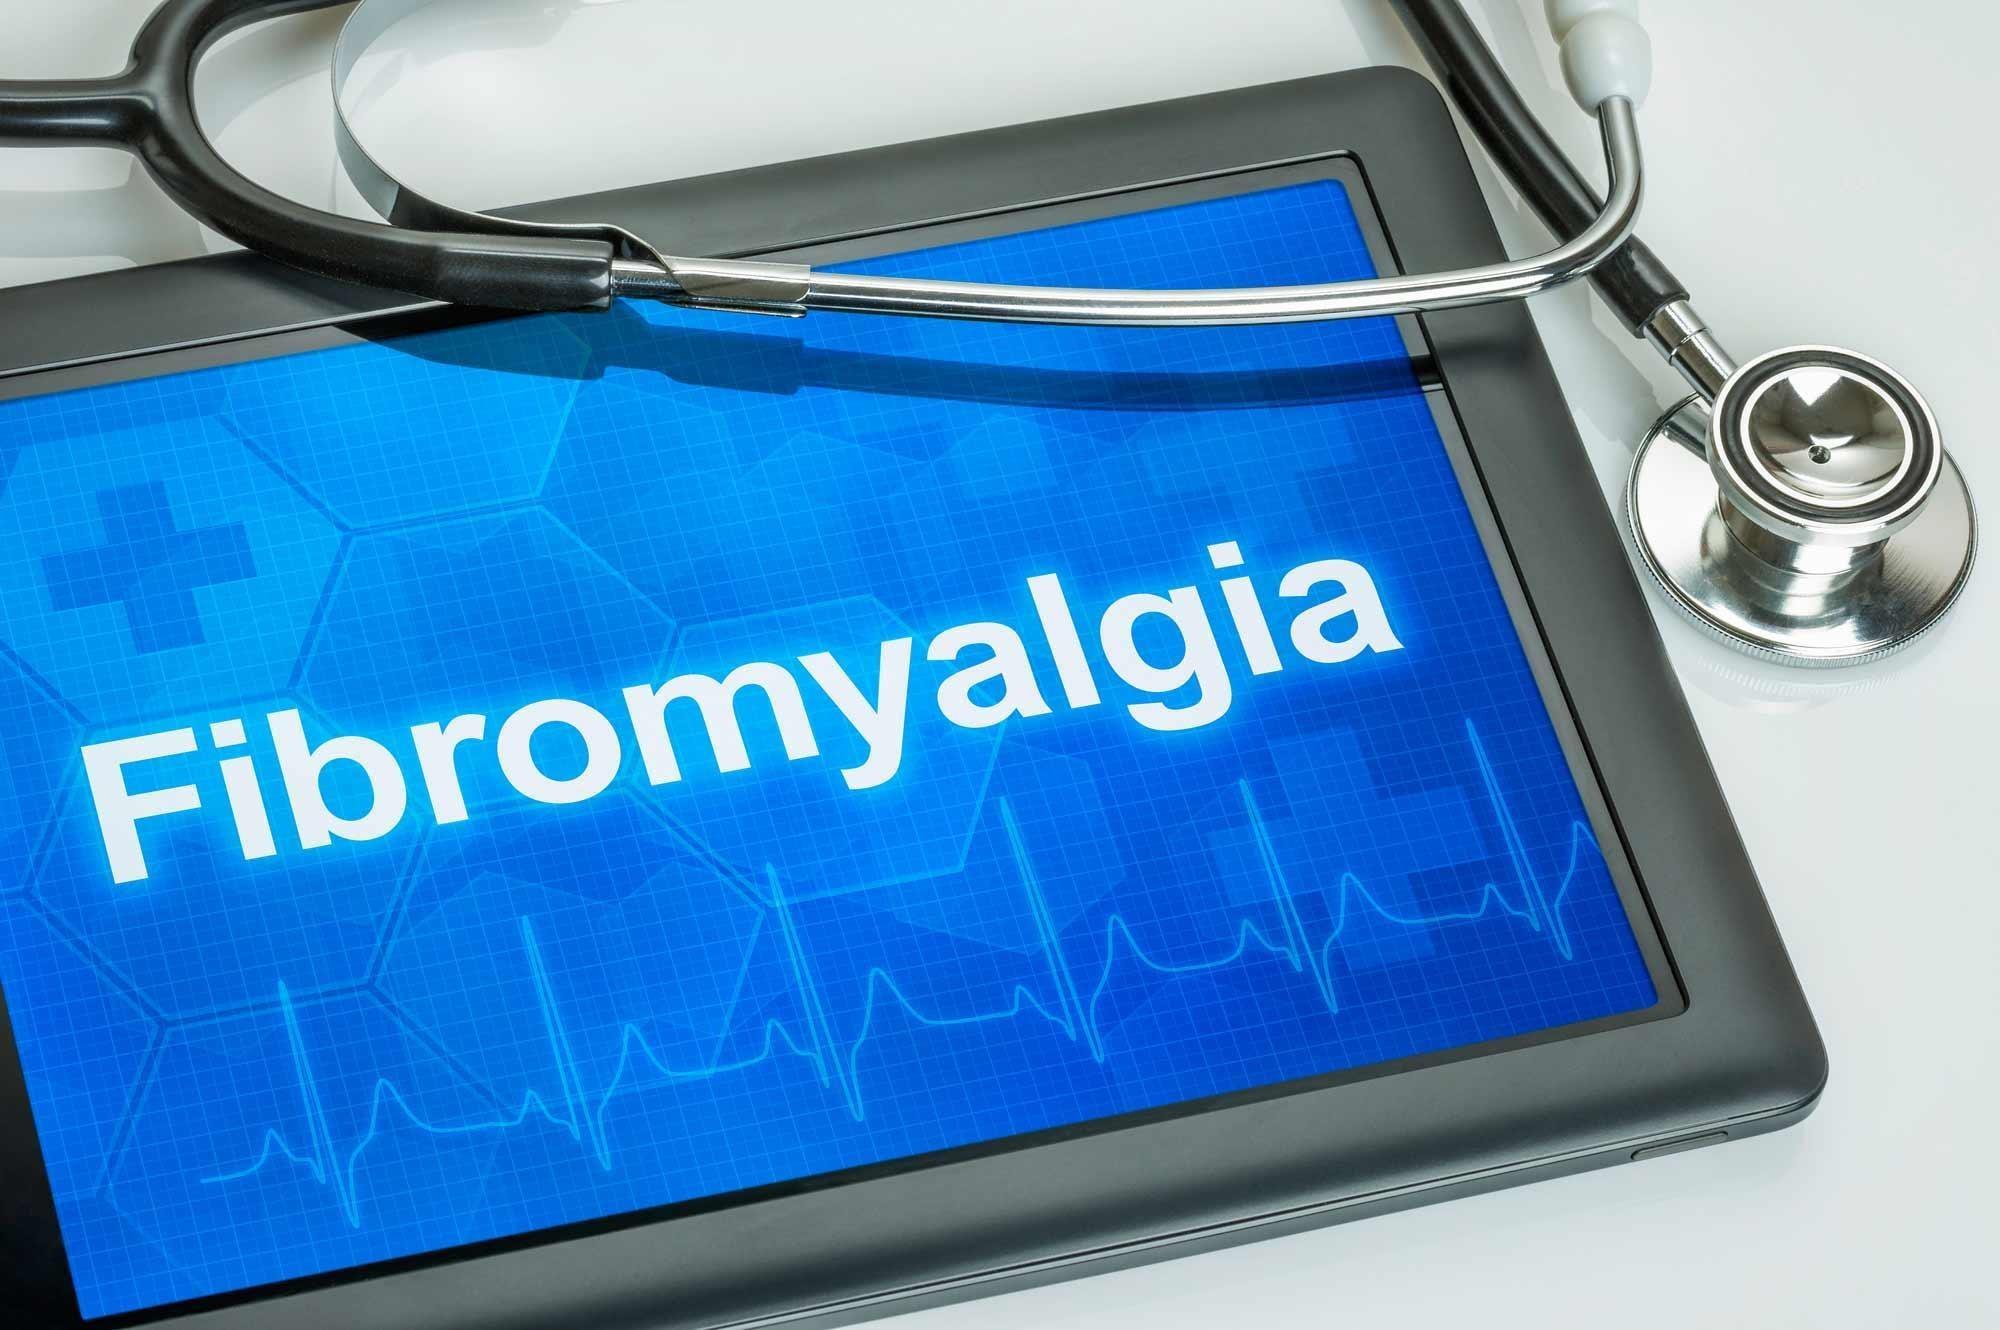 Family guide to fibromyalgia